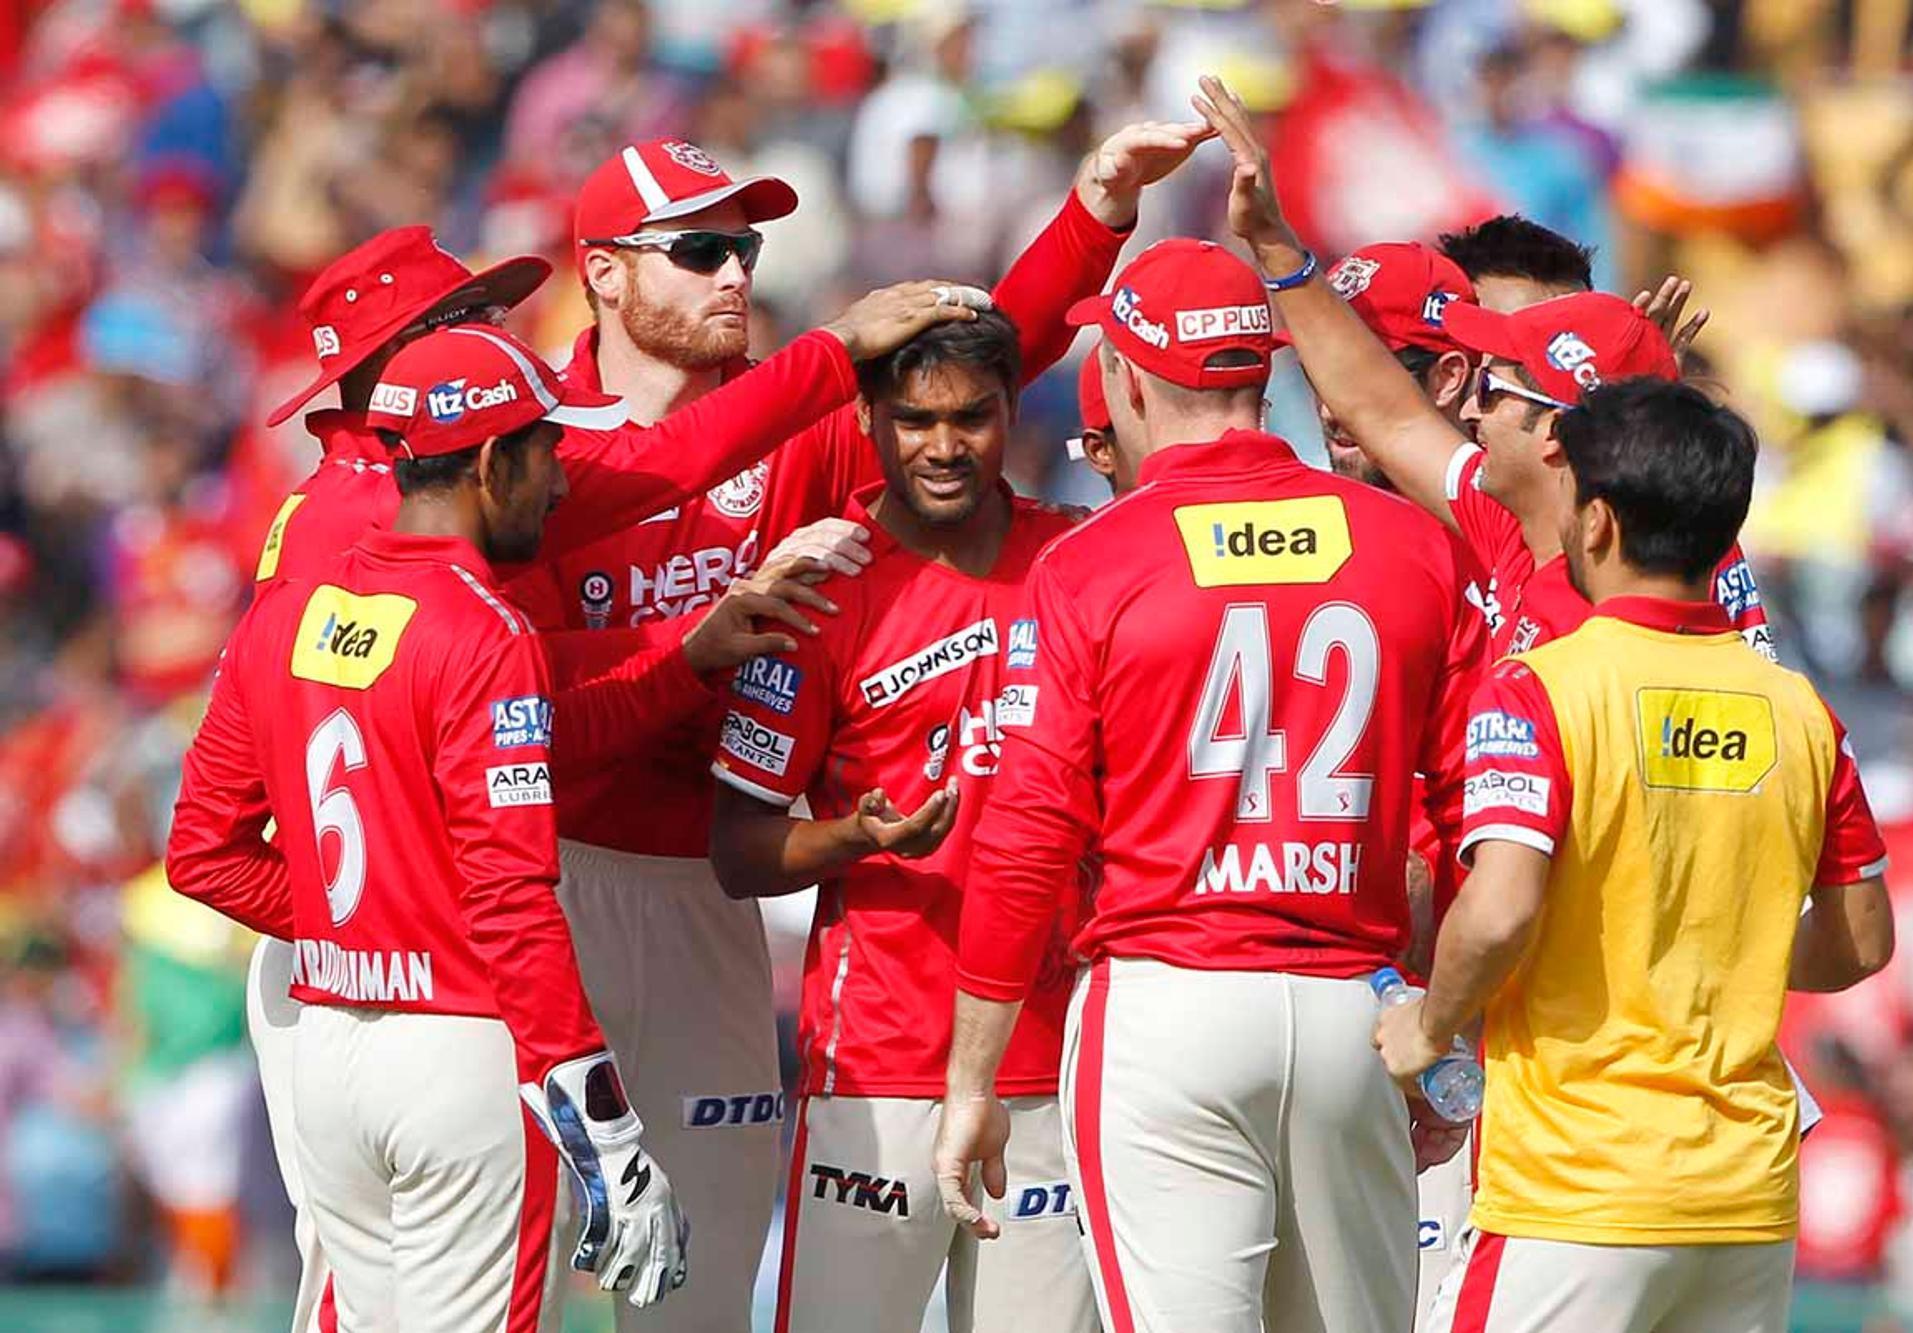 दिल्ली के खिलाफ शानदार प्रदर्शन के बाद पंजाब के इस गेंदबाज़ ने विराट कोहली को दे डाली खुली चुनौती 1